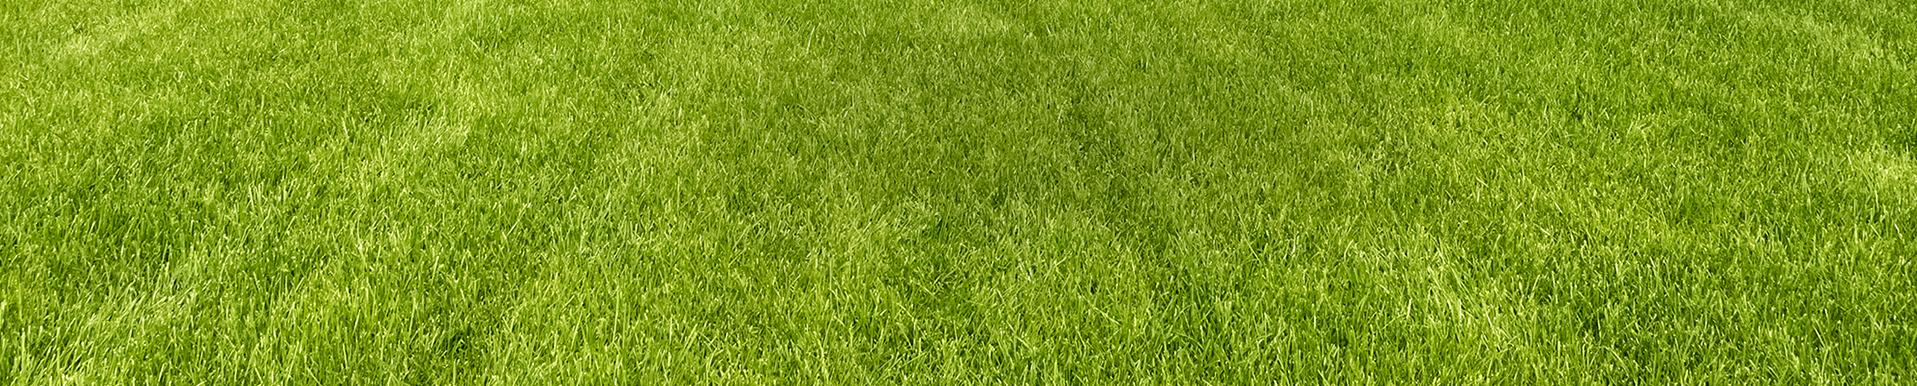 Robofarma  Dostarczamy zaawansowane technologie do pielęgnacji trawników oraz utrzymania czystości w zbiornikach wodnych. Sprawdź ofertę na nowoczesne roboty koszące Ambrogio oraz roboty basenowe NEMH.